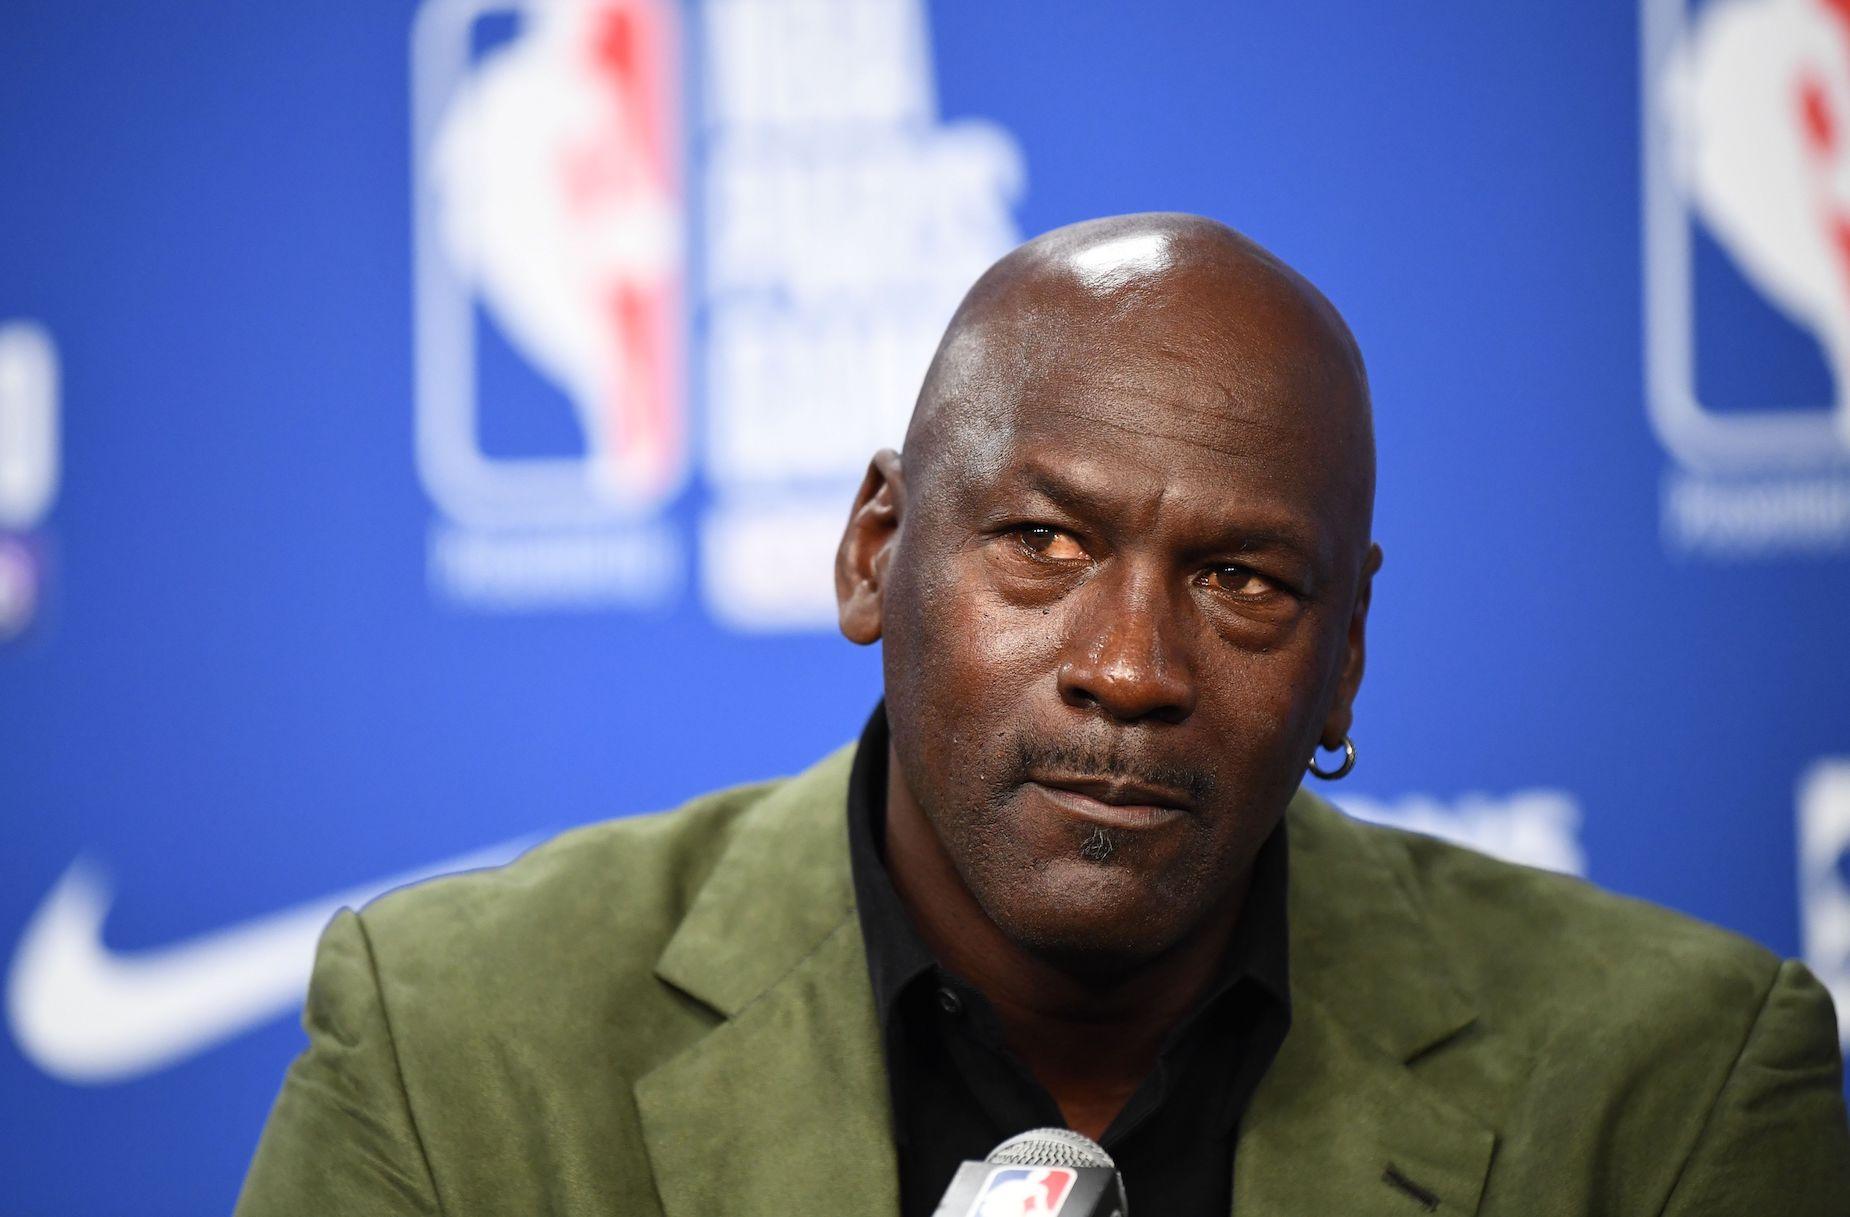 NBA legend Michael Jordan during a press conference.